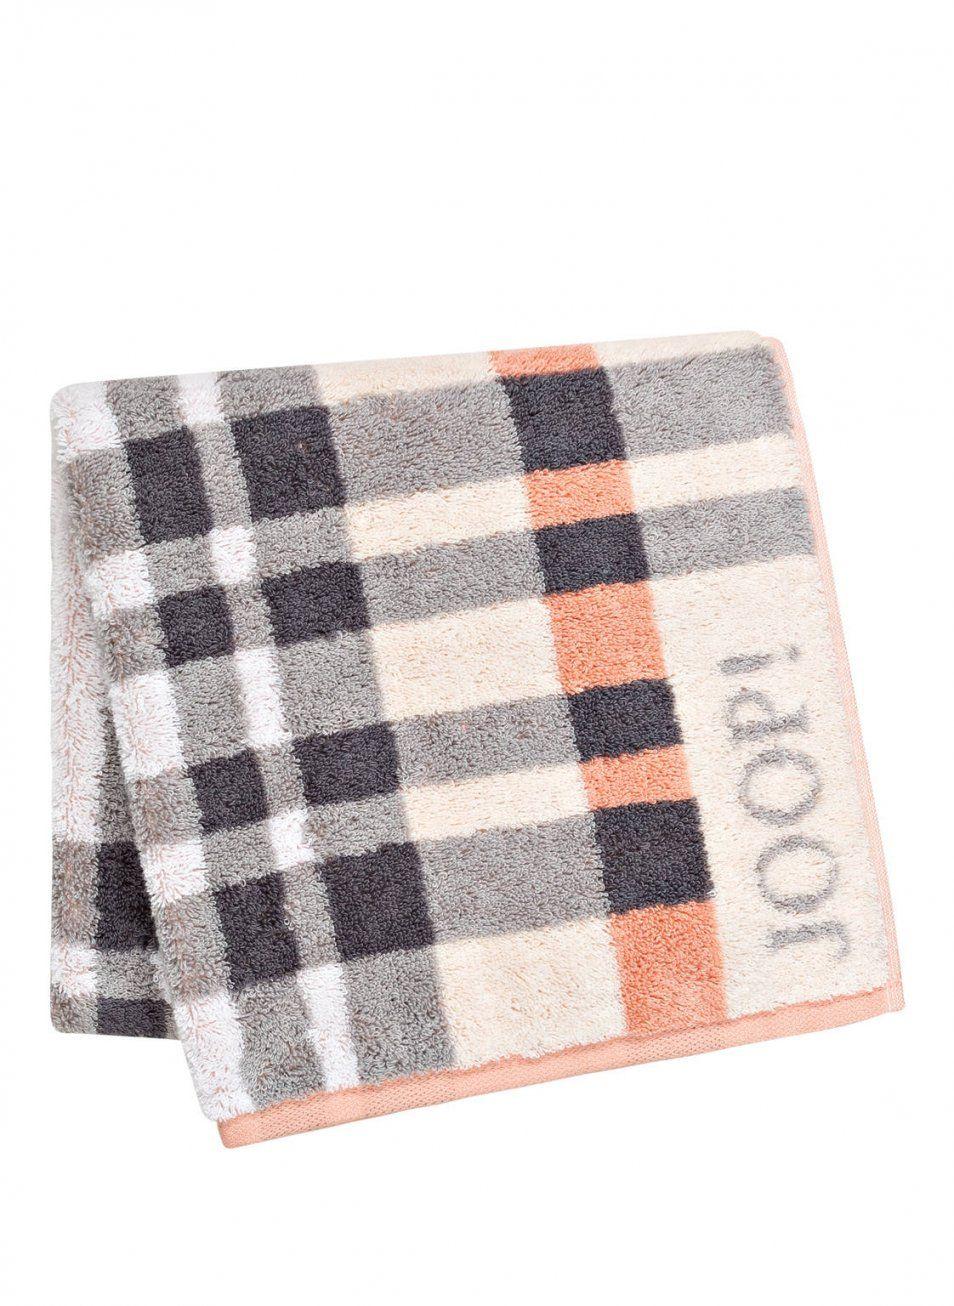 Joopgeschenke Das Besondere Geschenk  Home & Livinghandtücher von Joop Handtücher Set Günstig Bild